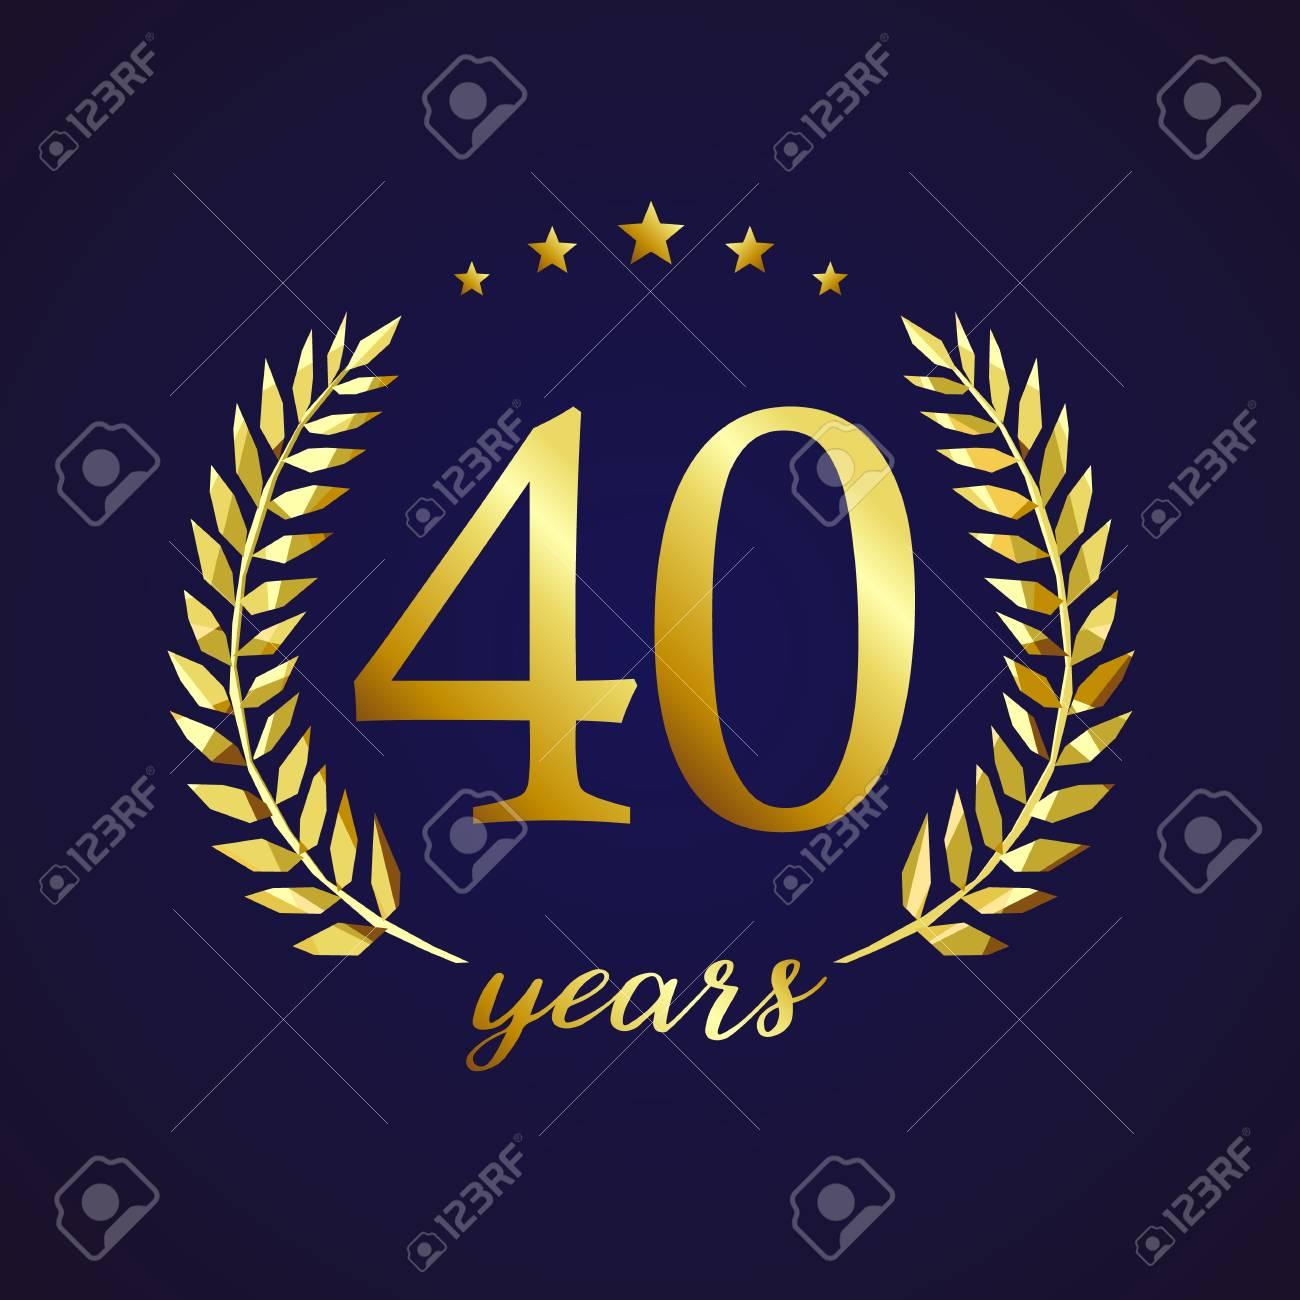 New 40 jaar oud luxe logo. Felicitaties 40e, 4e nummers in cirkel van &LL23